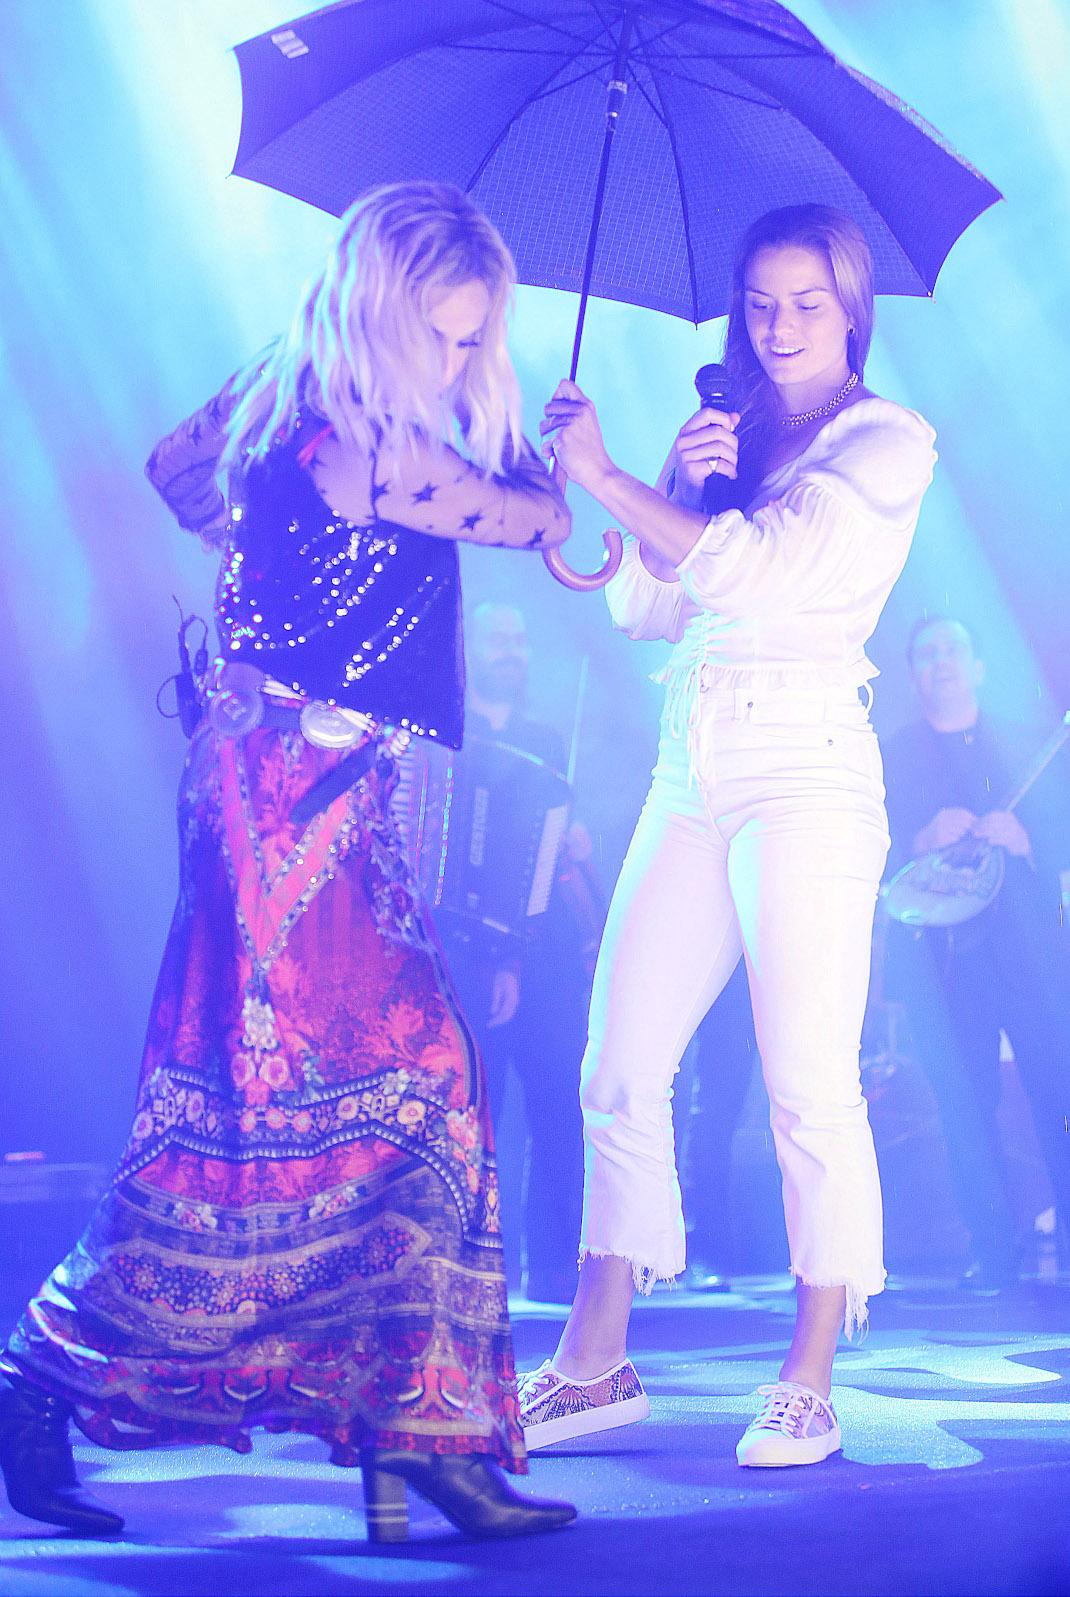 H Mαρία Σάκκαρη στην συναυλία της Αννας Βίσση